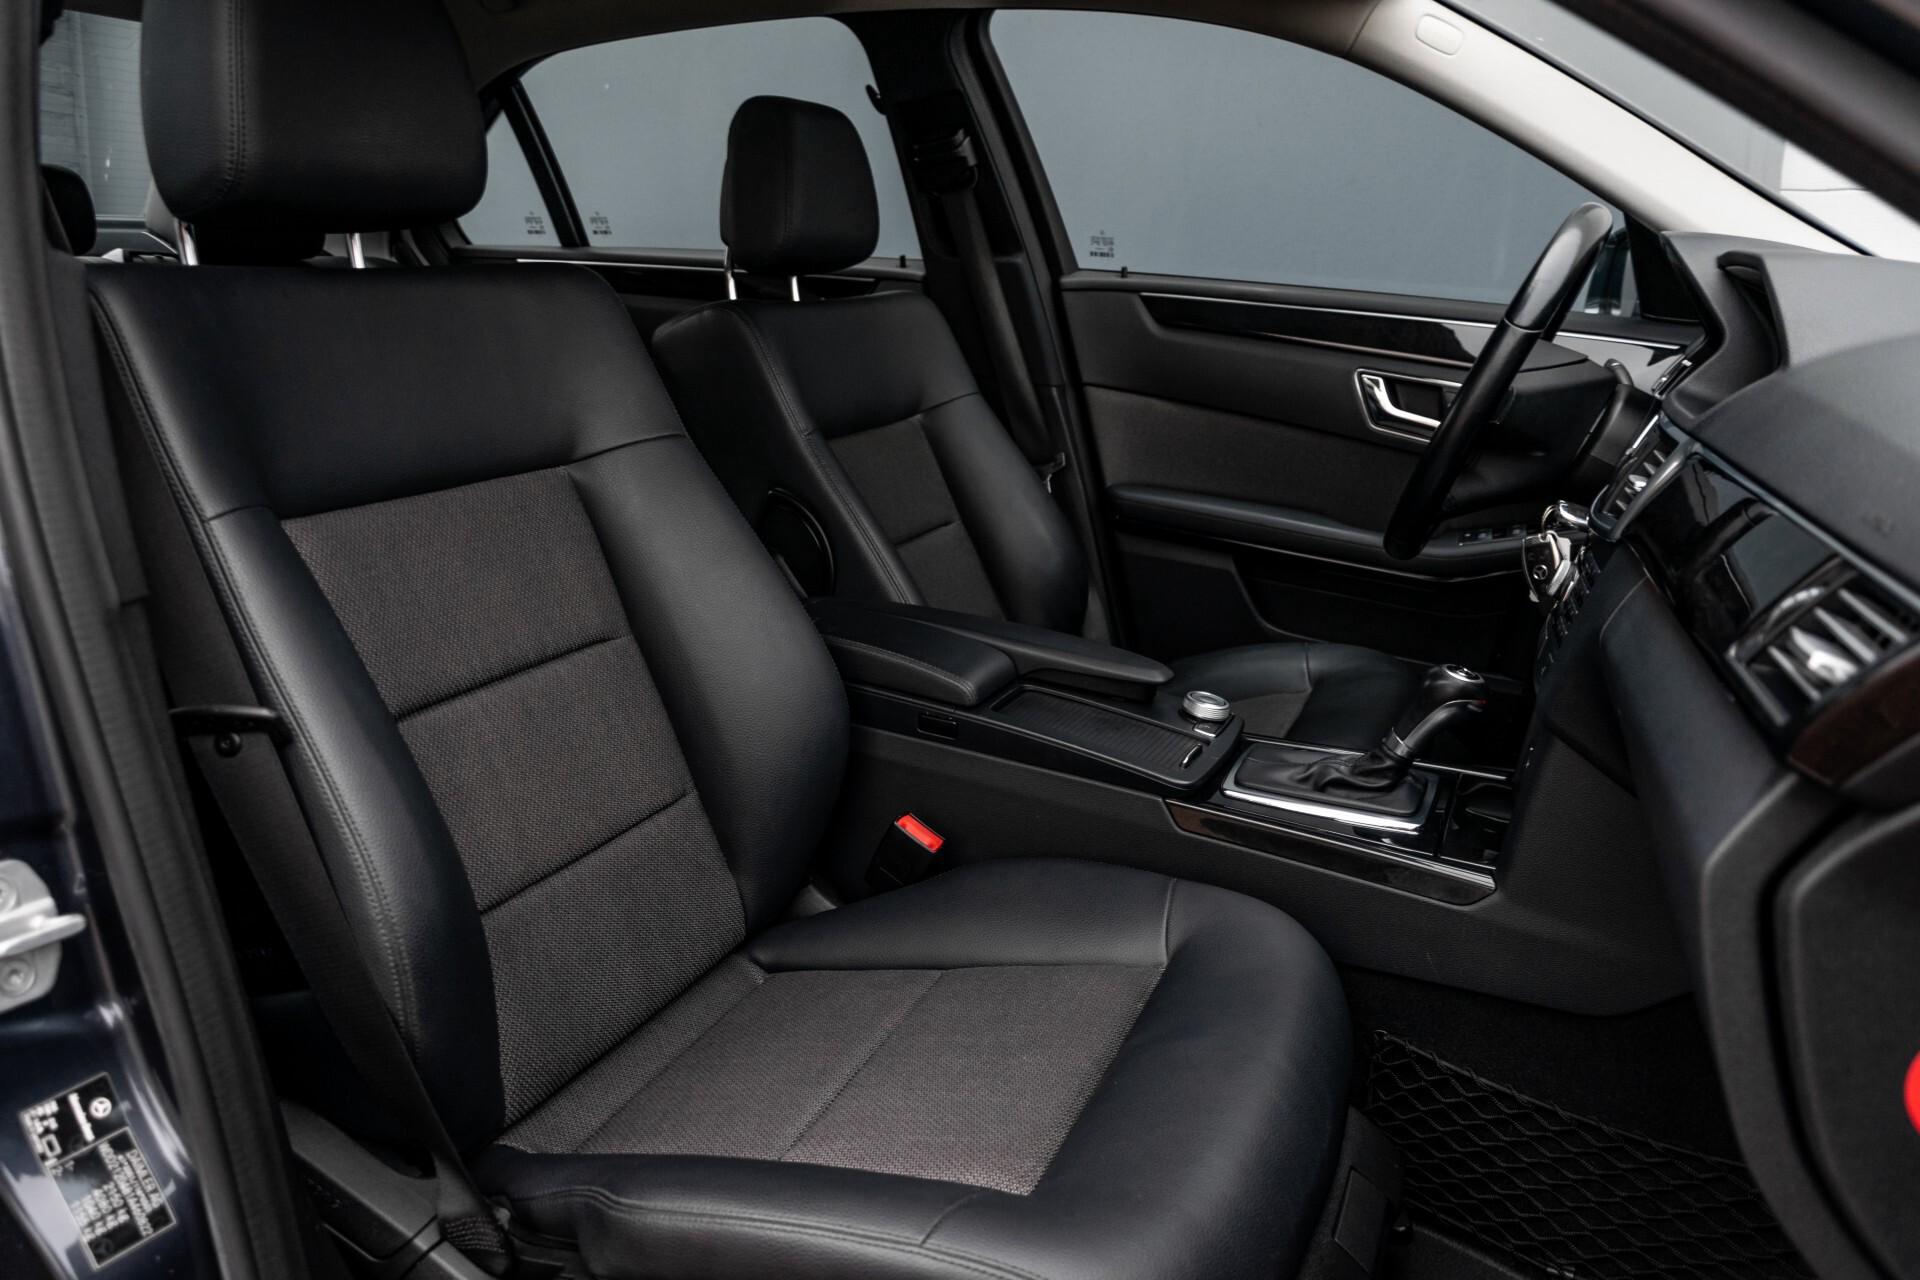 Mercedes-Benz E-Klasse 200 CGI Avantgarde Busines Class Aut5 Foto 3